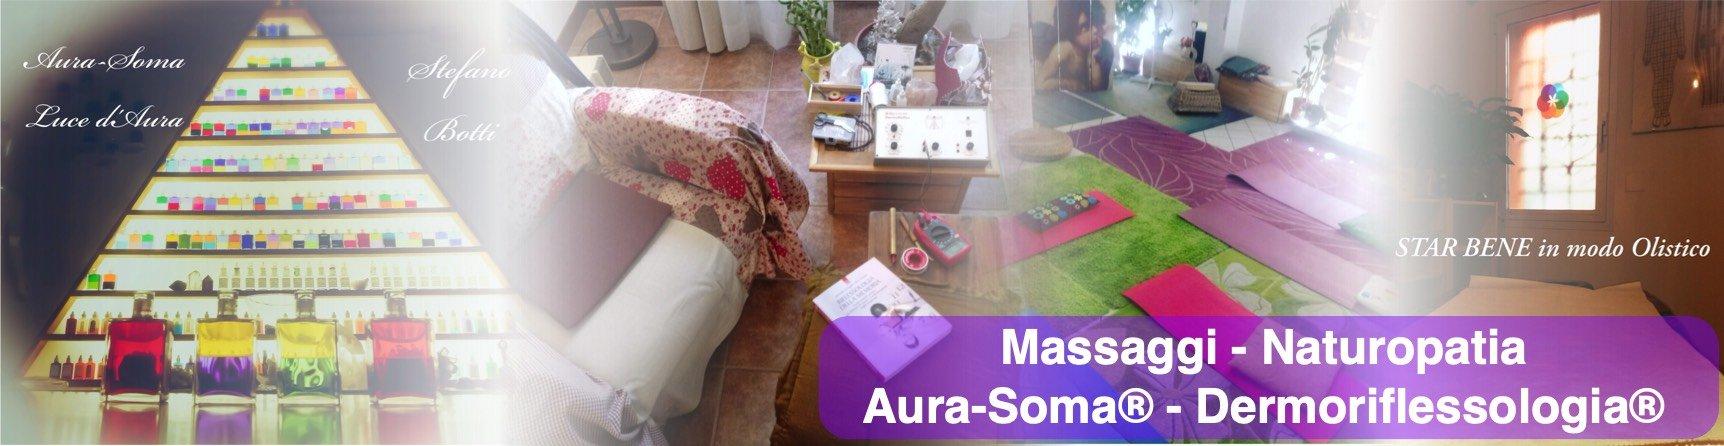 massaggi, dermoriflessologia, aura-soma, naturopatia